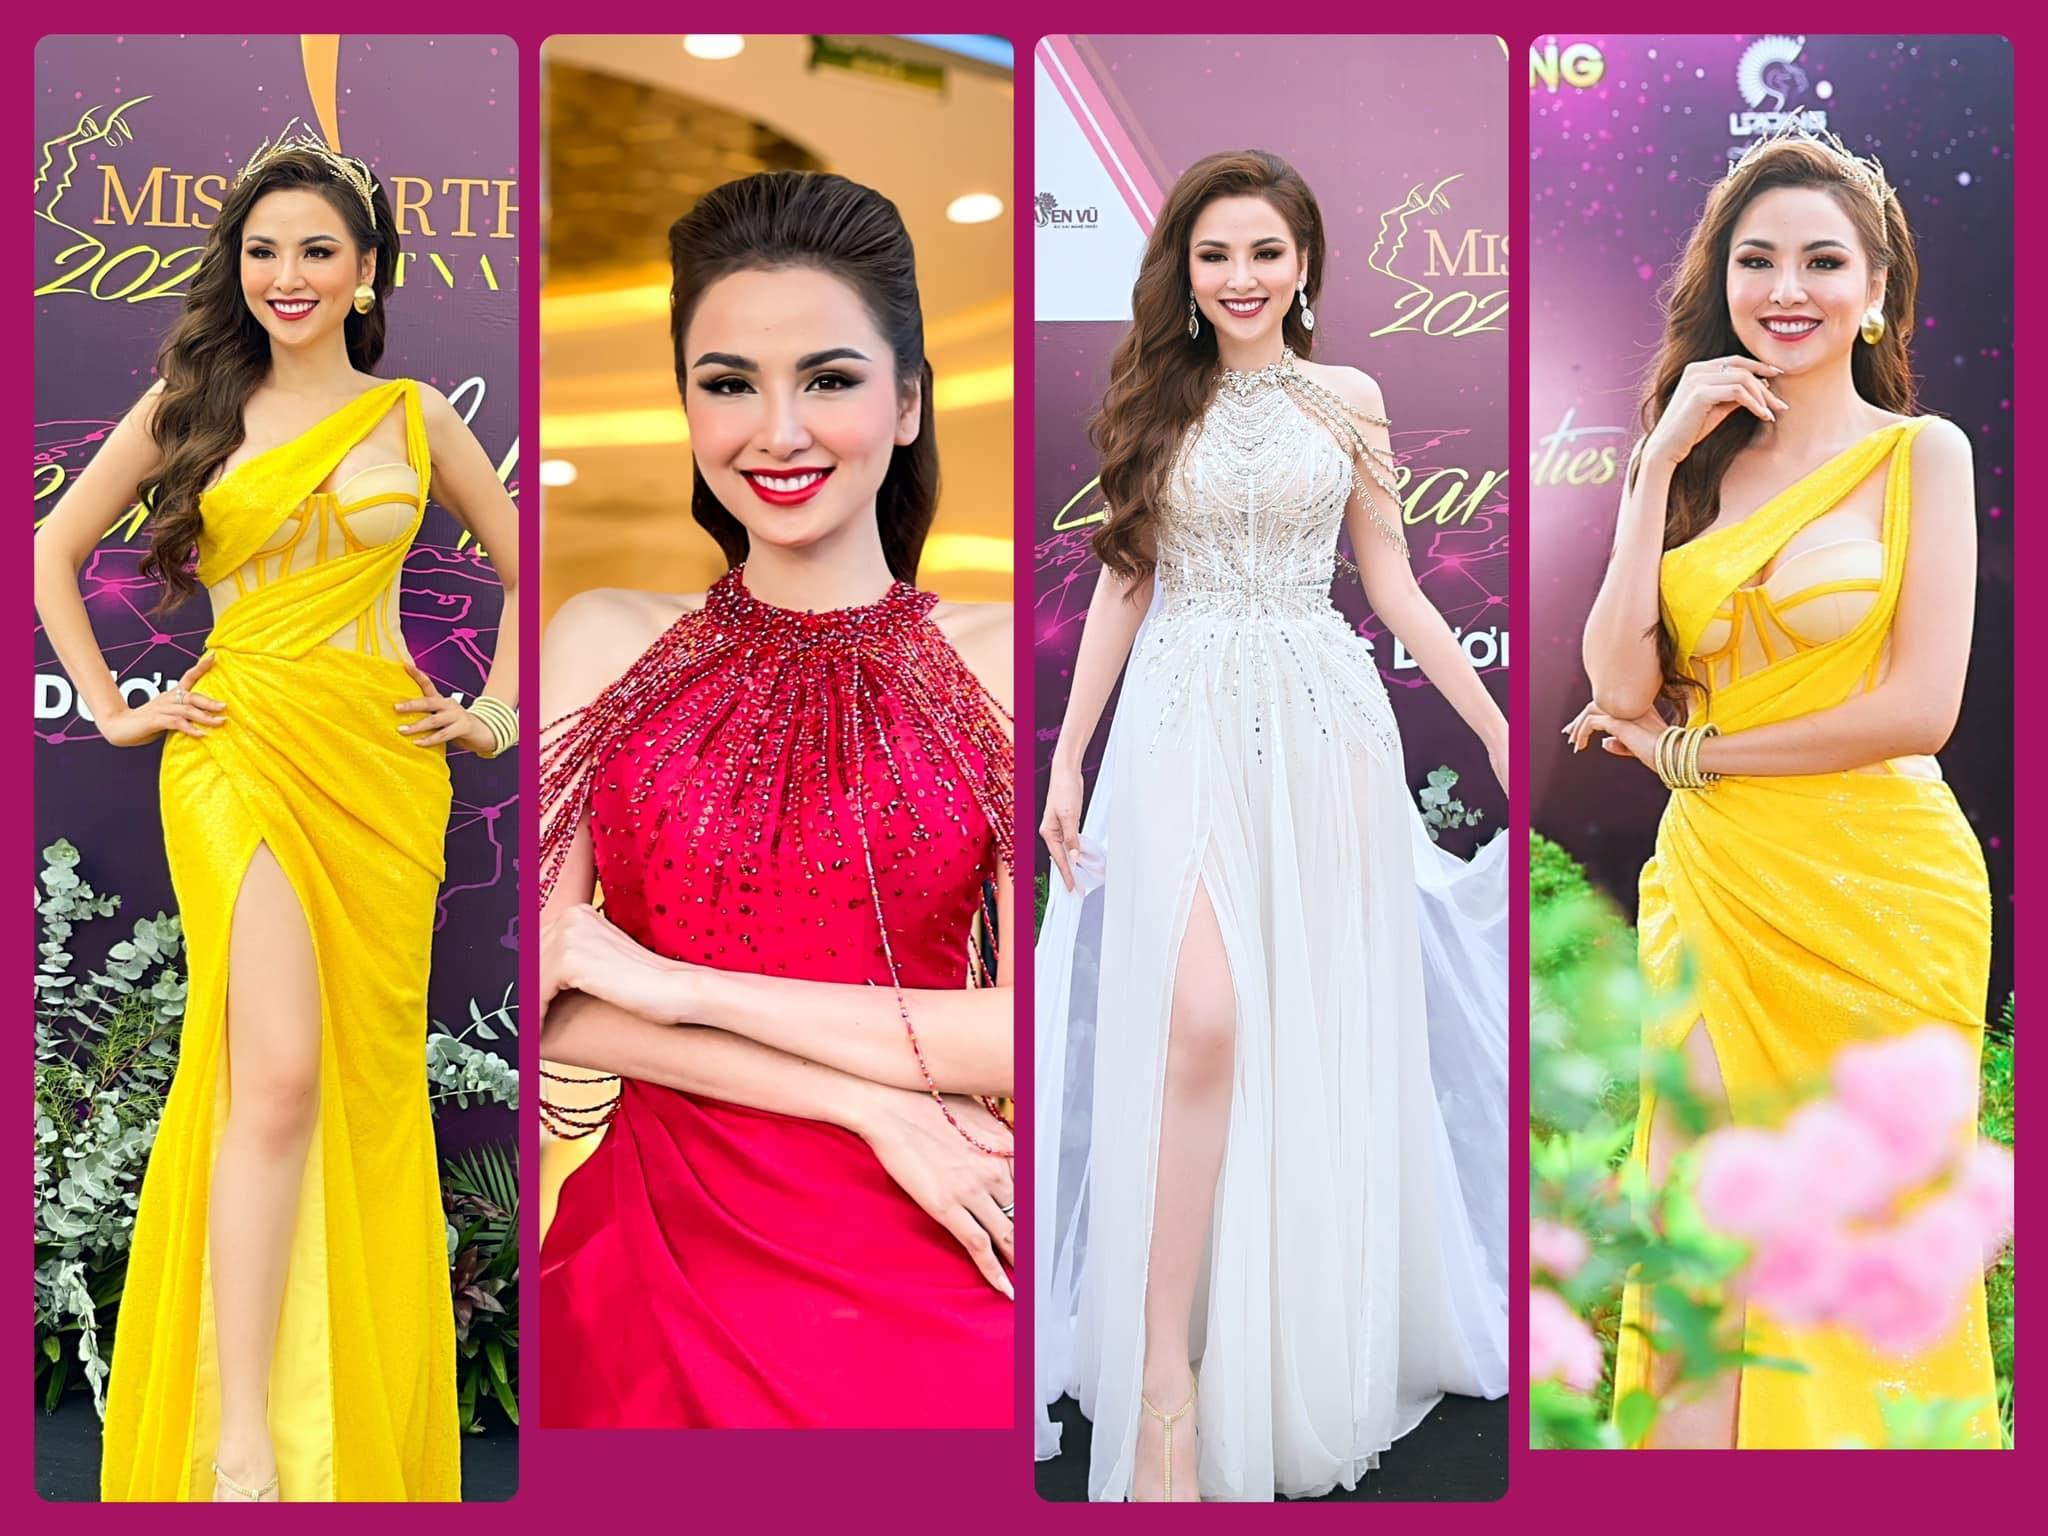 Hoa hậu Diễm Hương: Tôi bị bệnh hiếm, căn bệnh mà 10.000 người mới có 1 người bị - Ảnh 1.